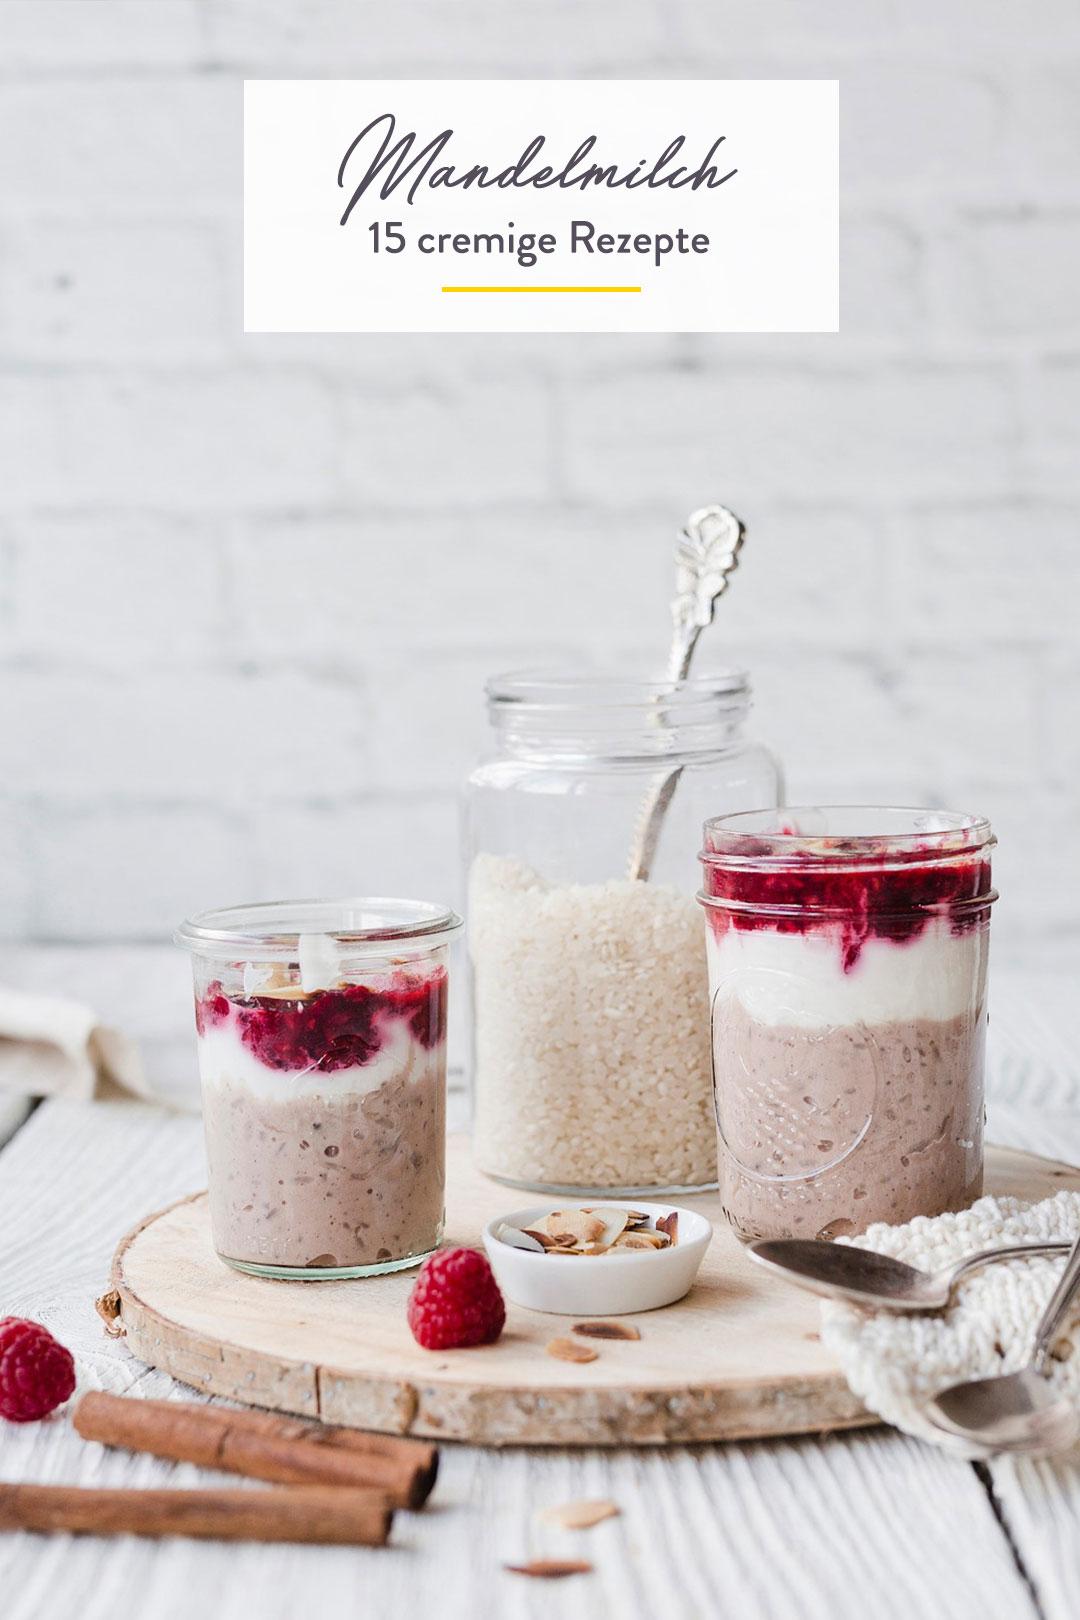 Mandelmilch-Rezepte: 17 Ideen mit dem cremigen Pflanzendrink